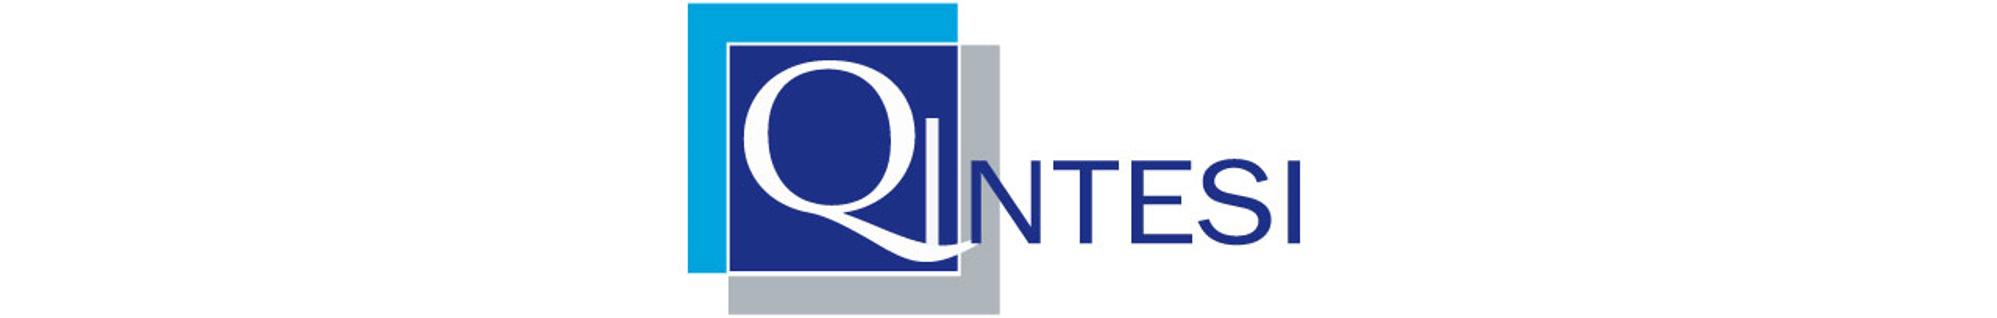 Logo QINTESI_S.P.A.